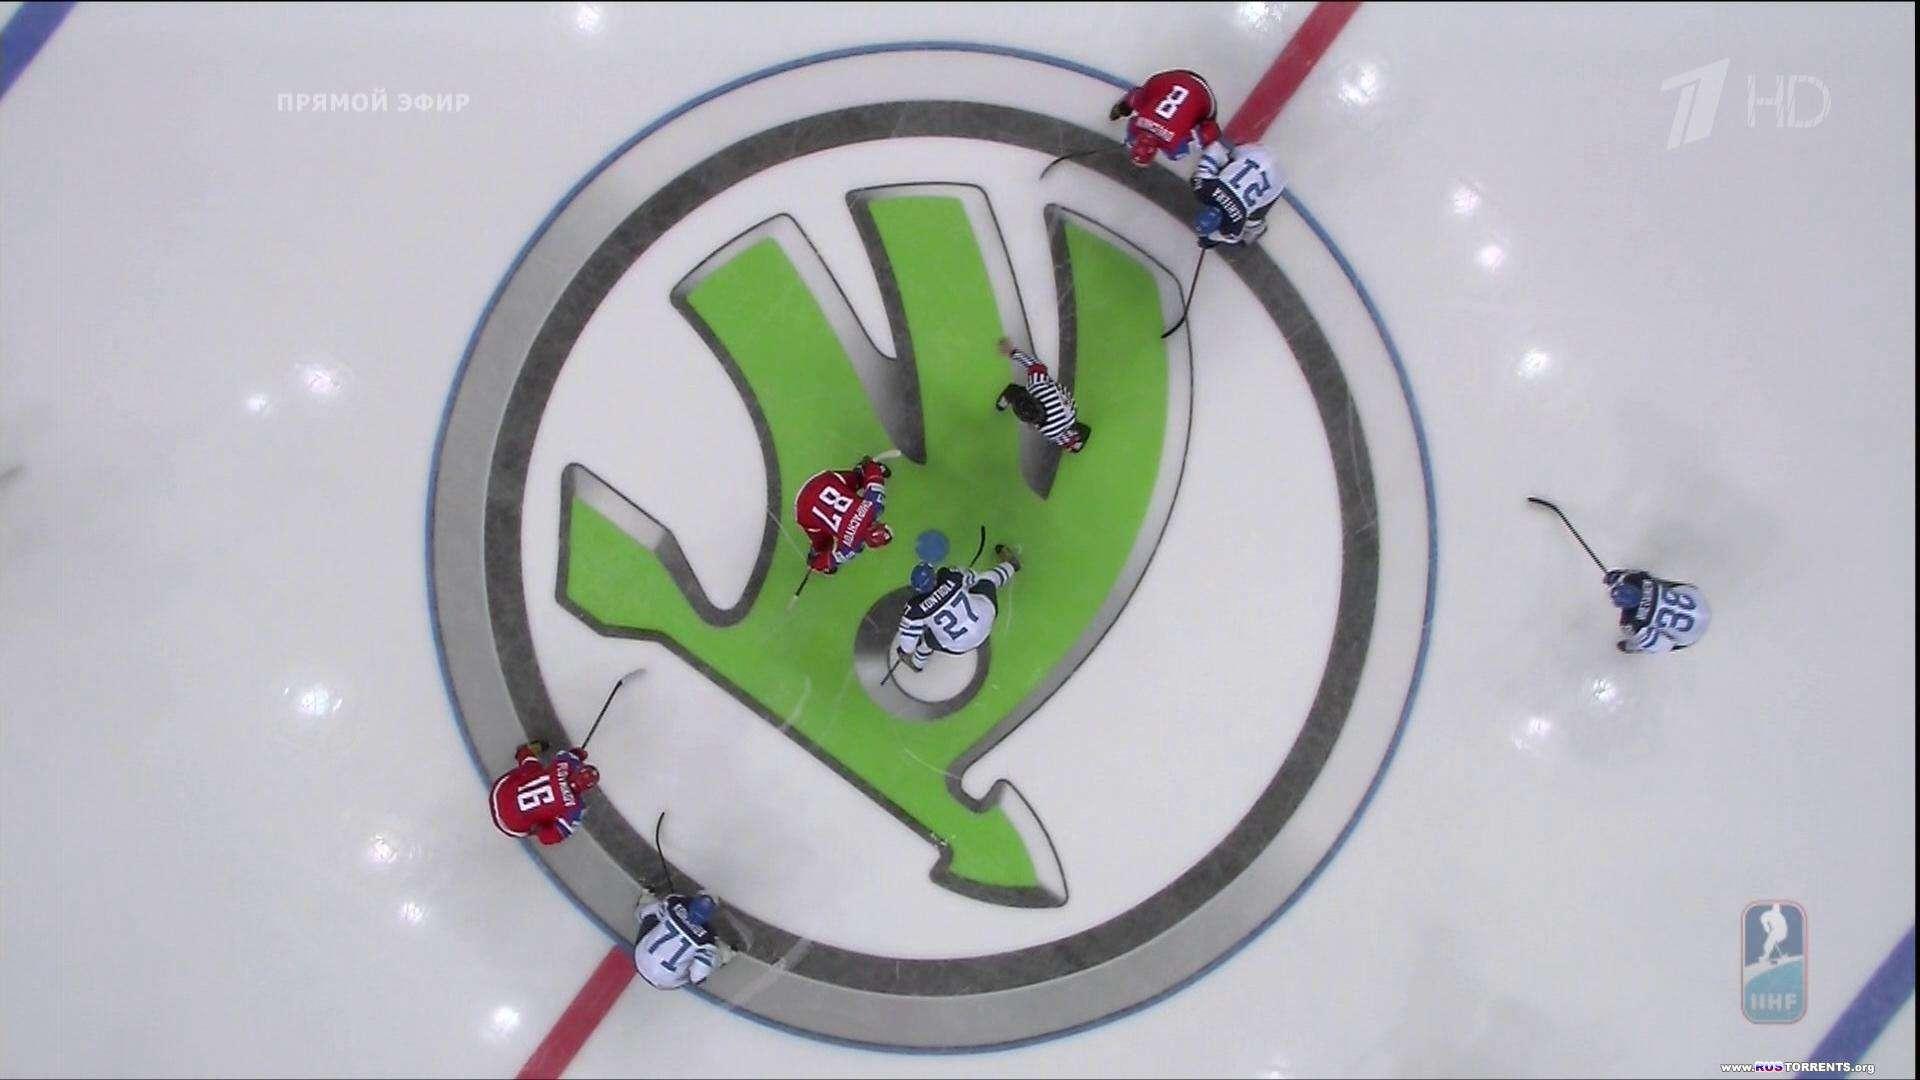 Хоккей. Чемпионат Мира-2014. Группа В. 2-тур Россия - Финляндия | HDTV 1080i